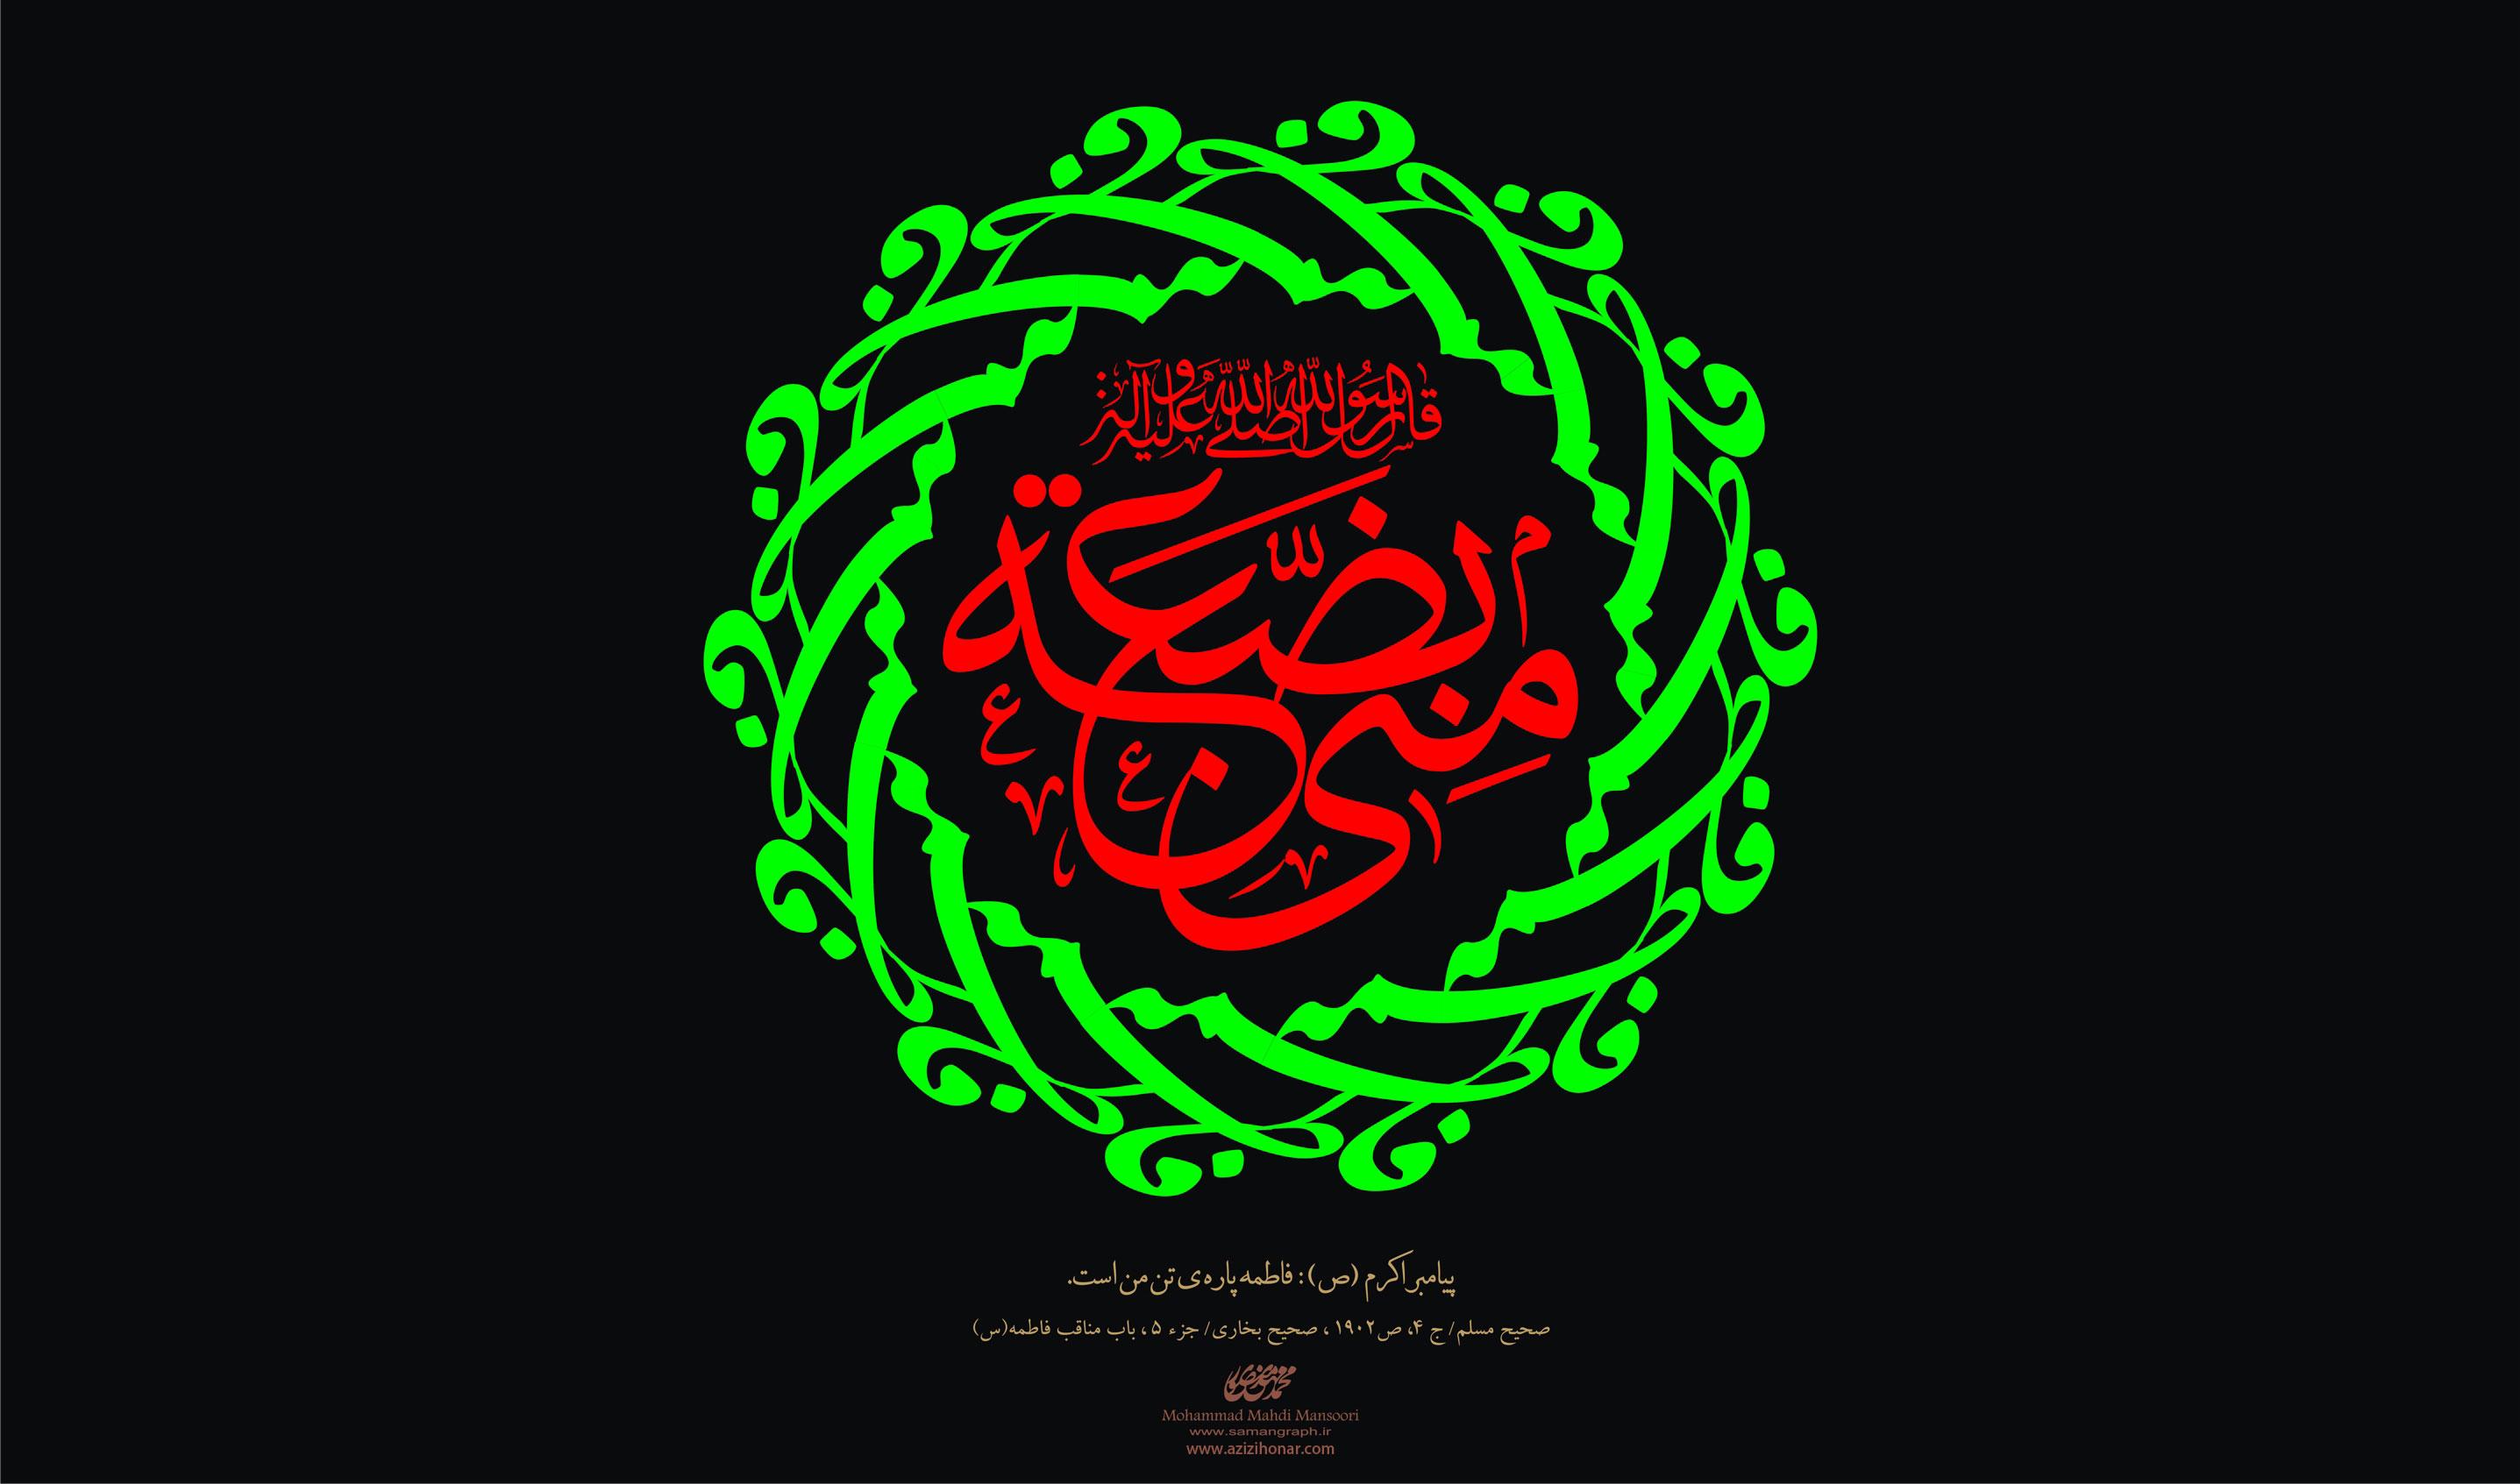 چهار انتخابی که به حضرت زهرا (س) عظمت بخشید